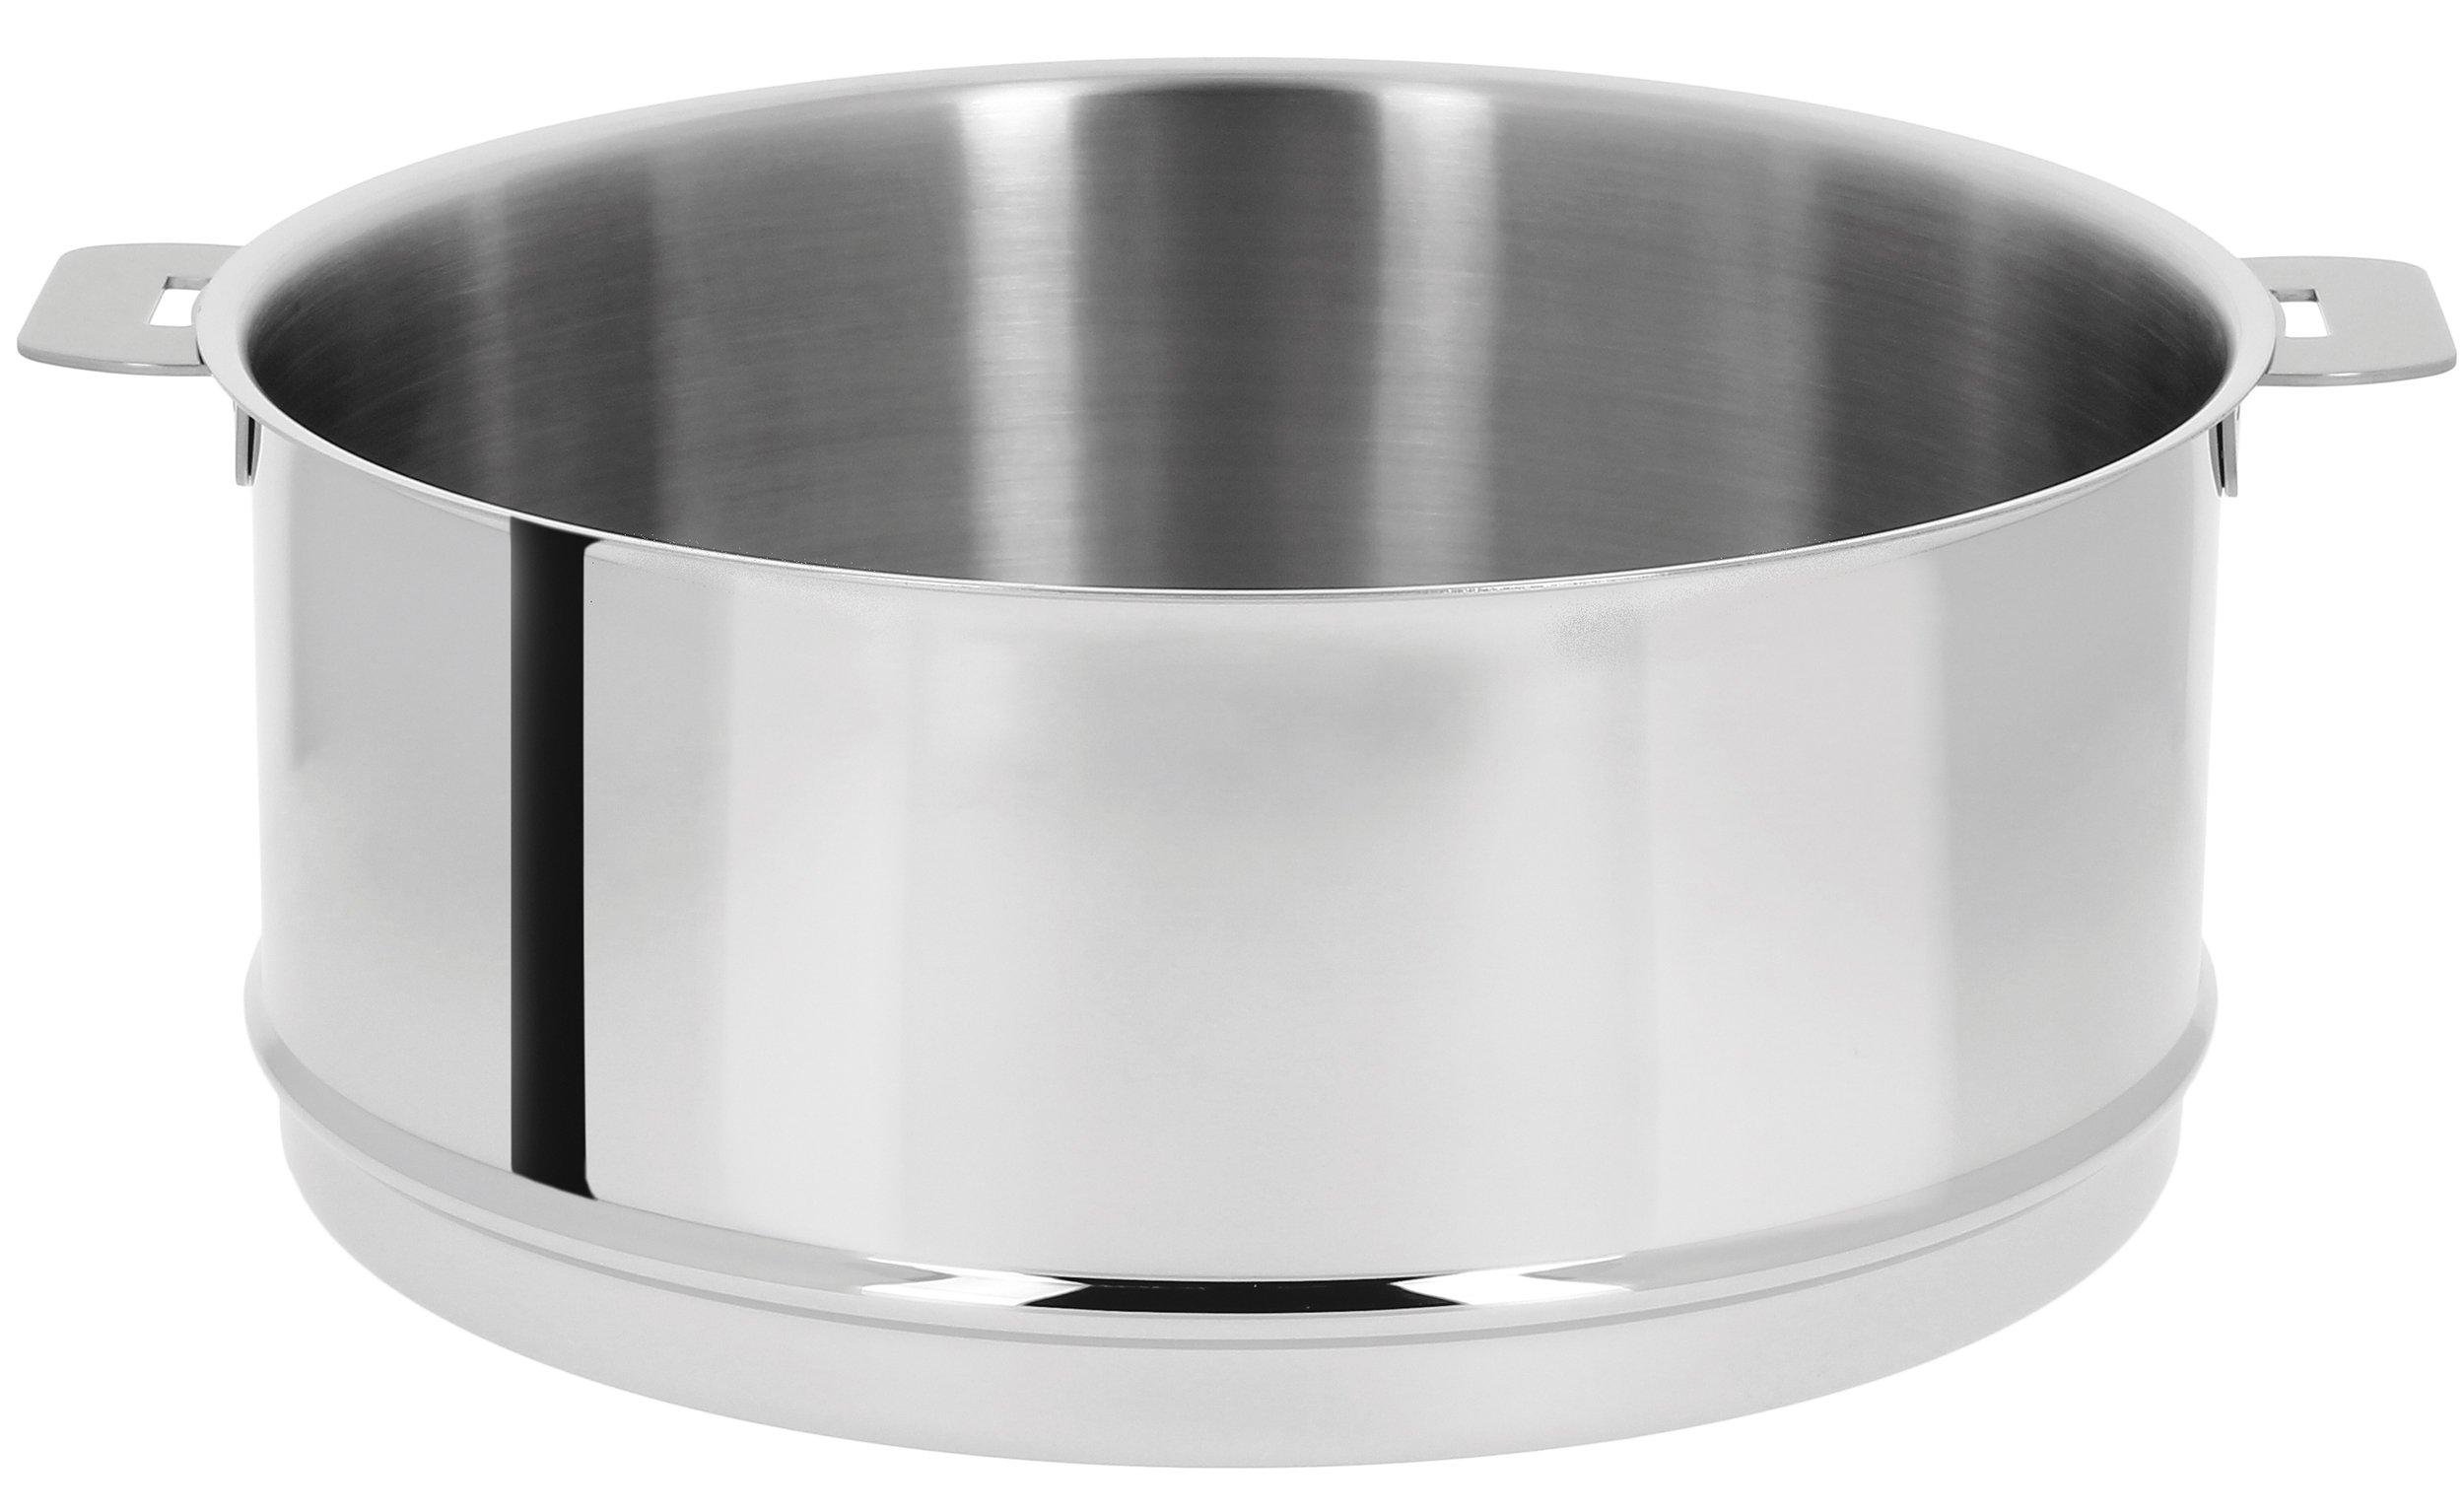 Cristel ECV26Q Steamer, 6.5 quart, Silver